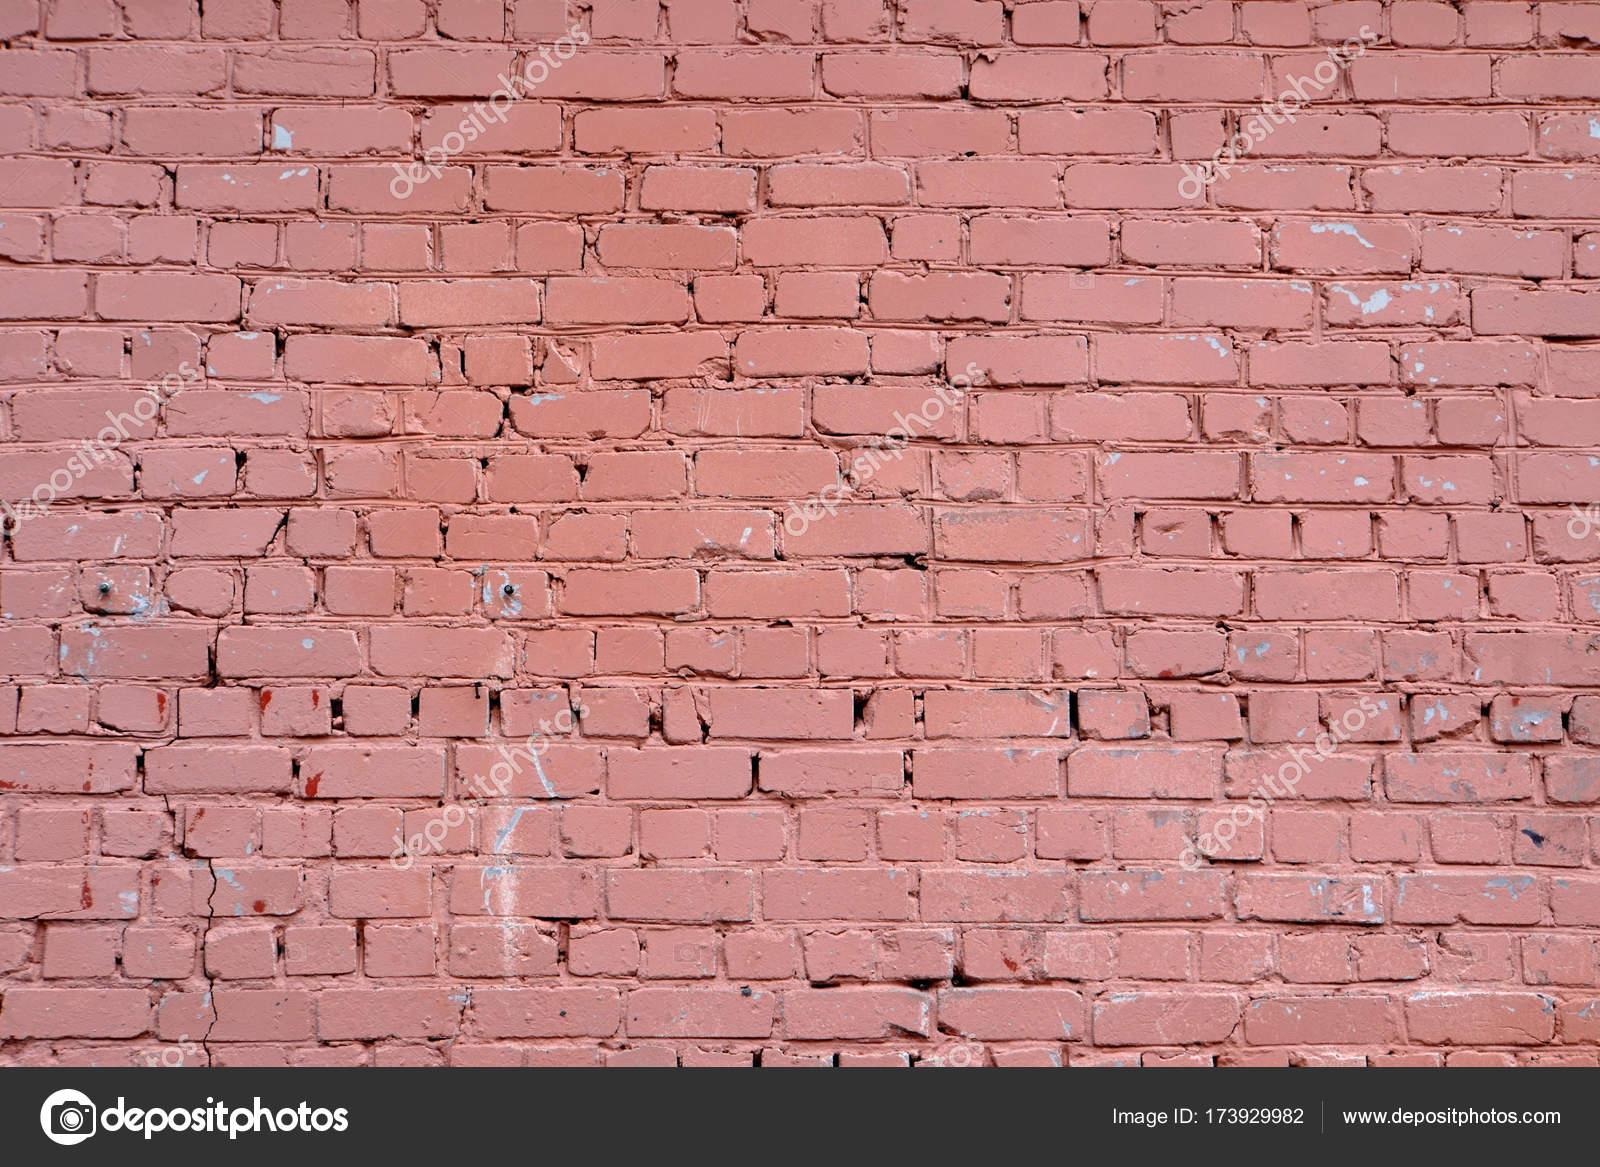 Hervorragend Die Wand Besteht Aus Ziegeln. Es Ist Mit Roter Farbe Bemalt. Hintergrund.  Von Außen. Design Element U2014 Foto Von Trofimich81